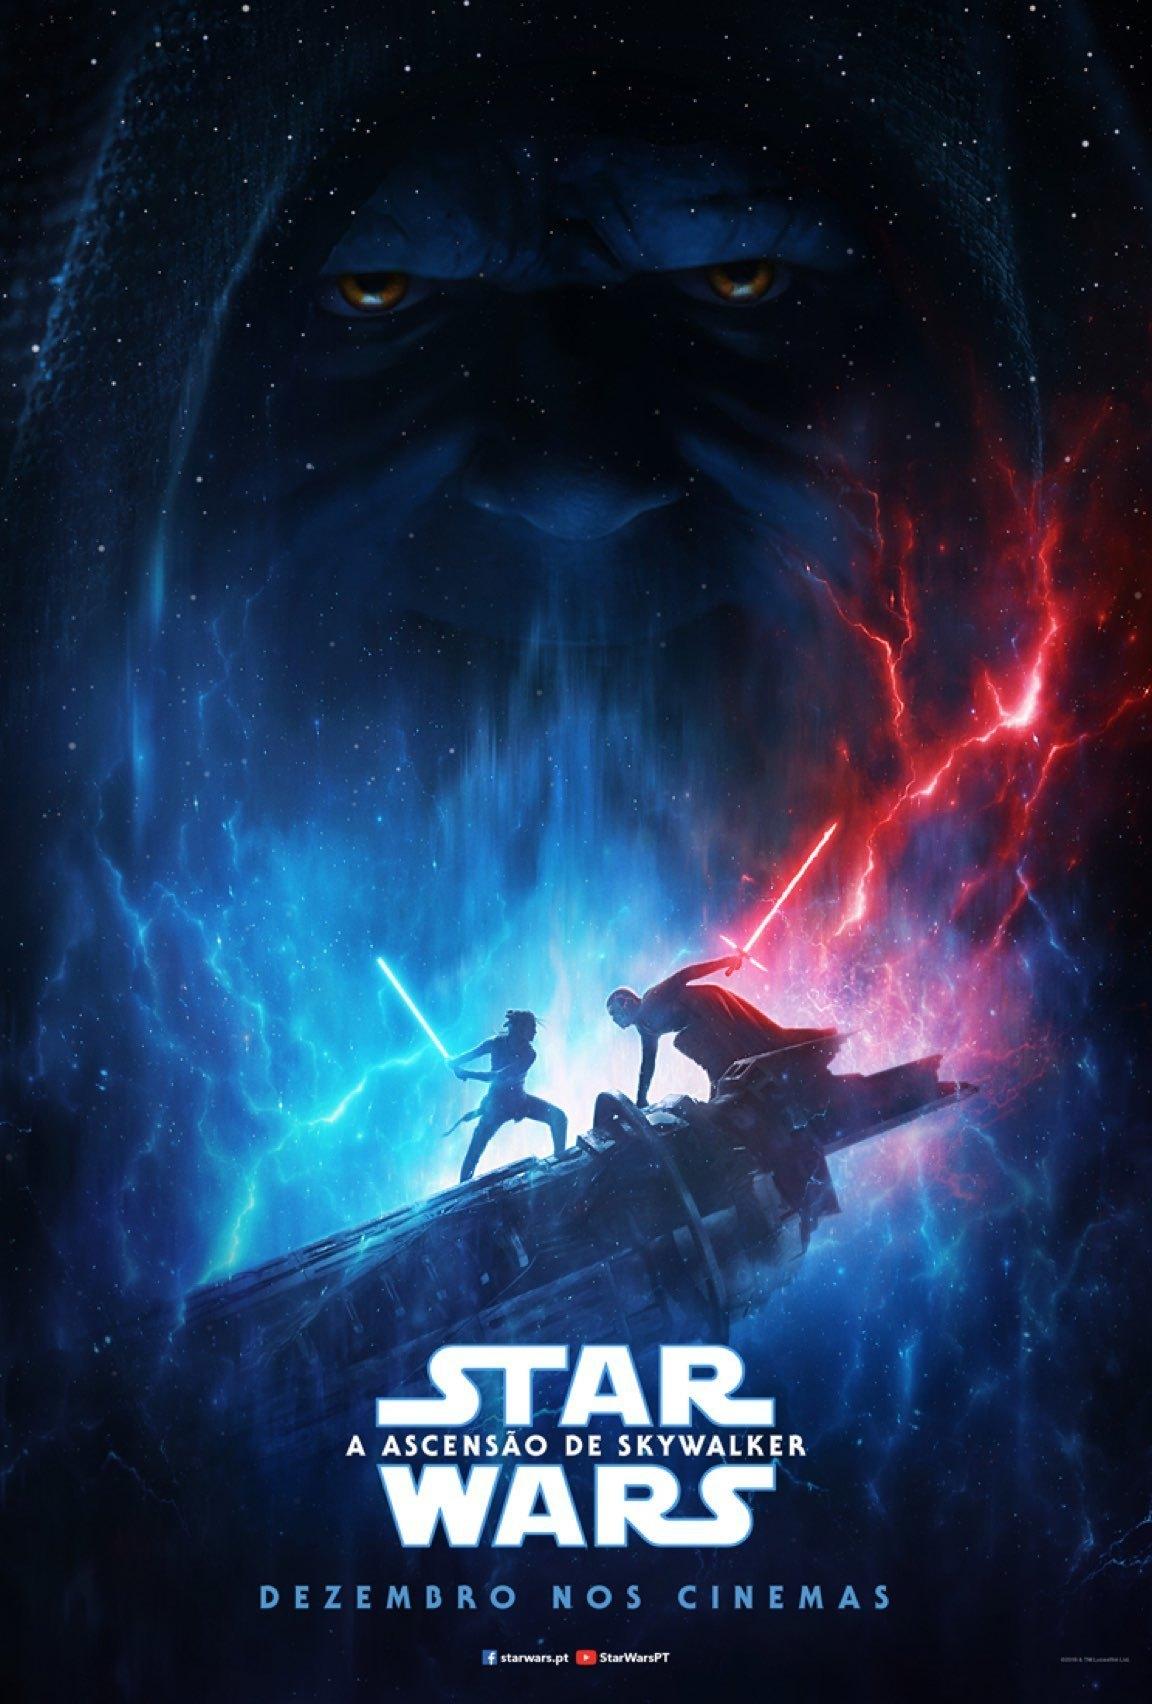 Poster da luta entre Rey e Kylo Ren com sabres de luz e o rosto do Imperador Palpatine em segundo plano